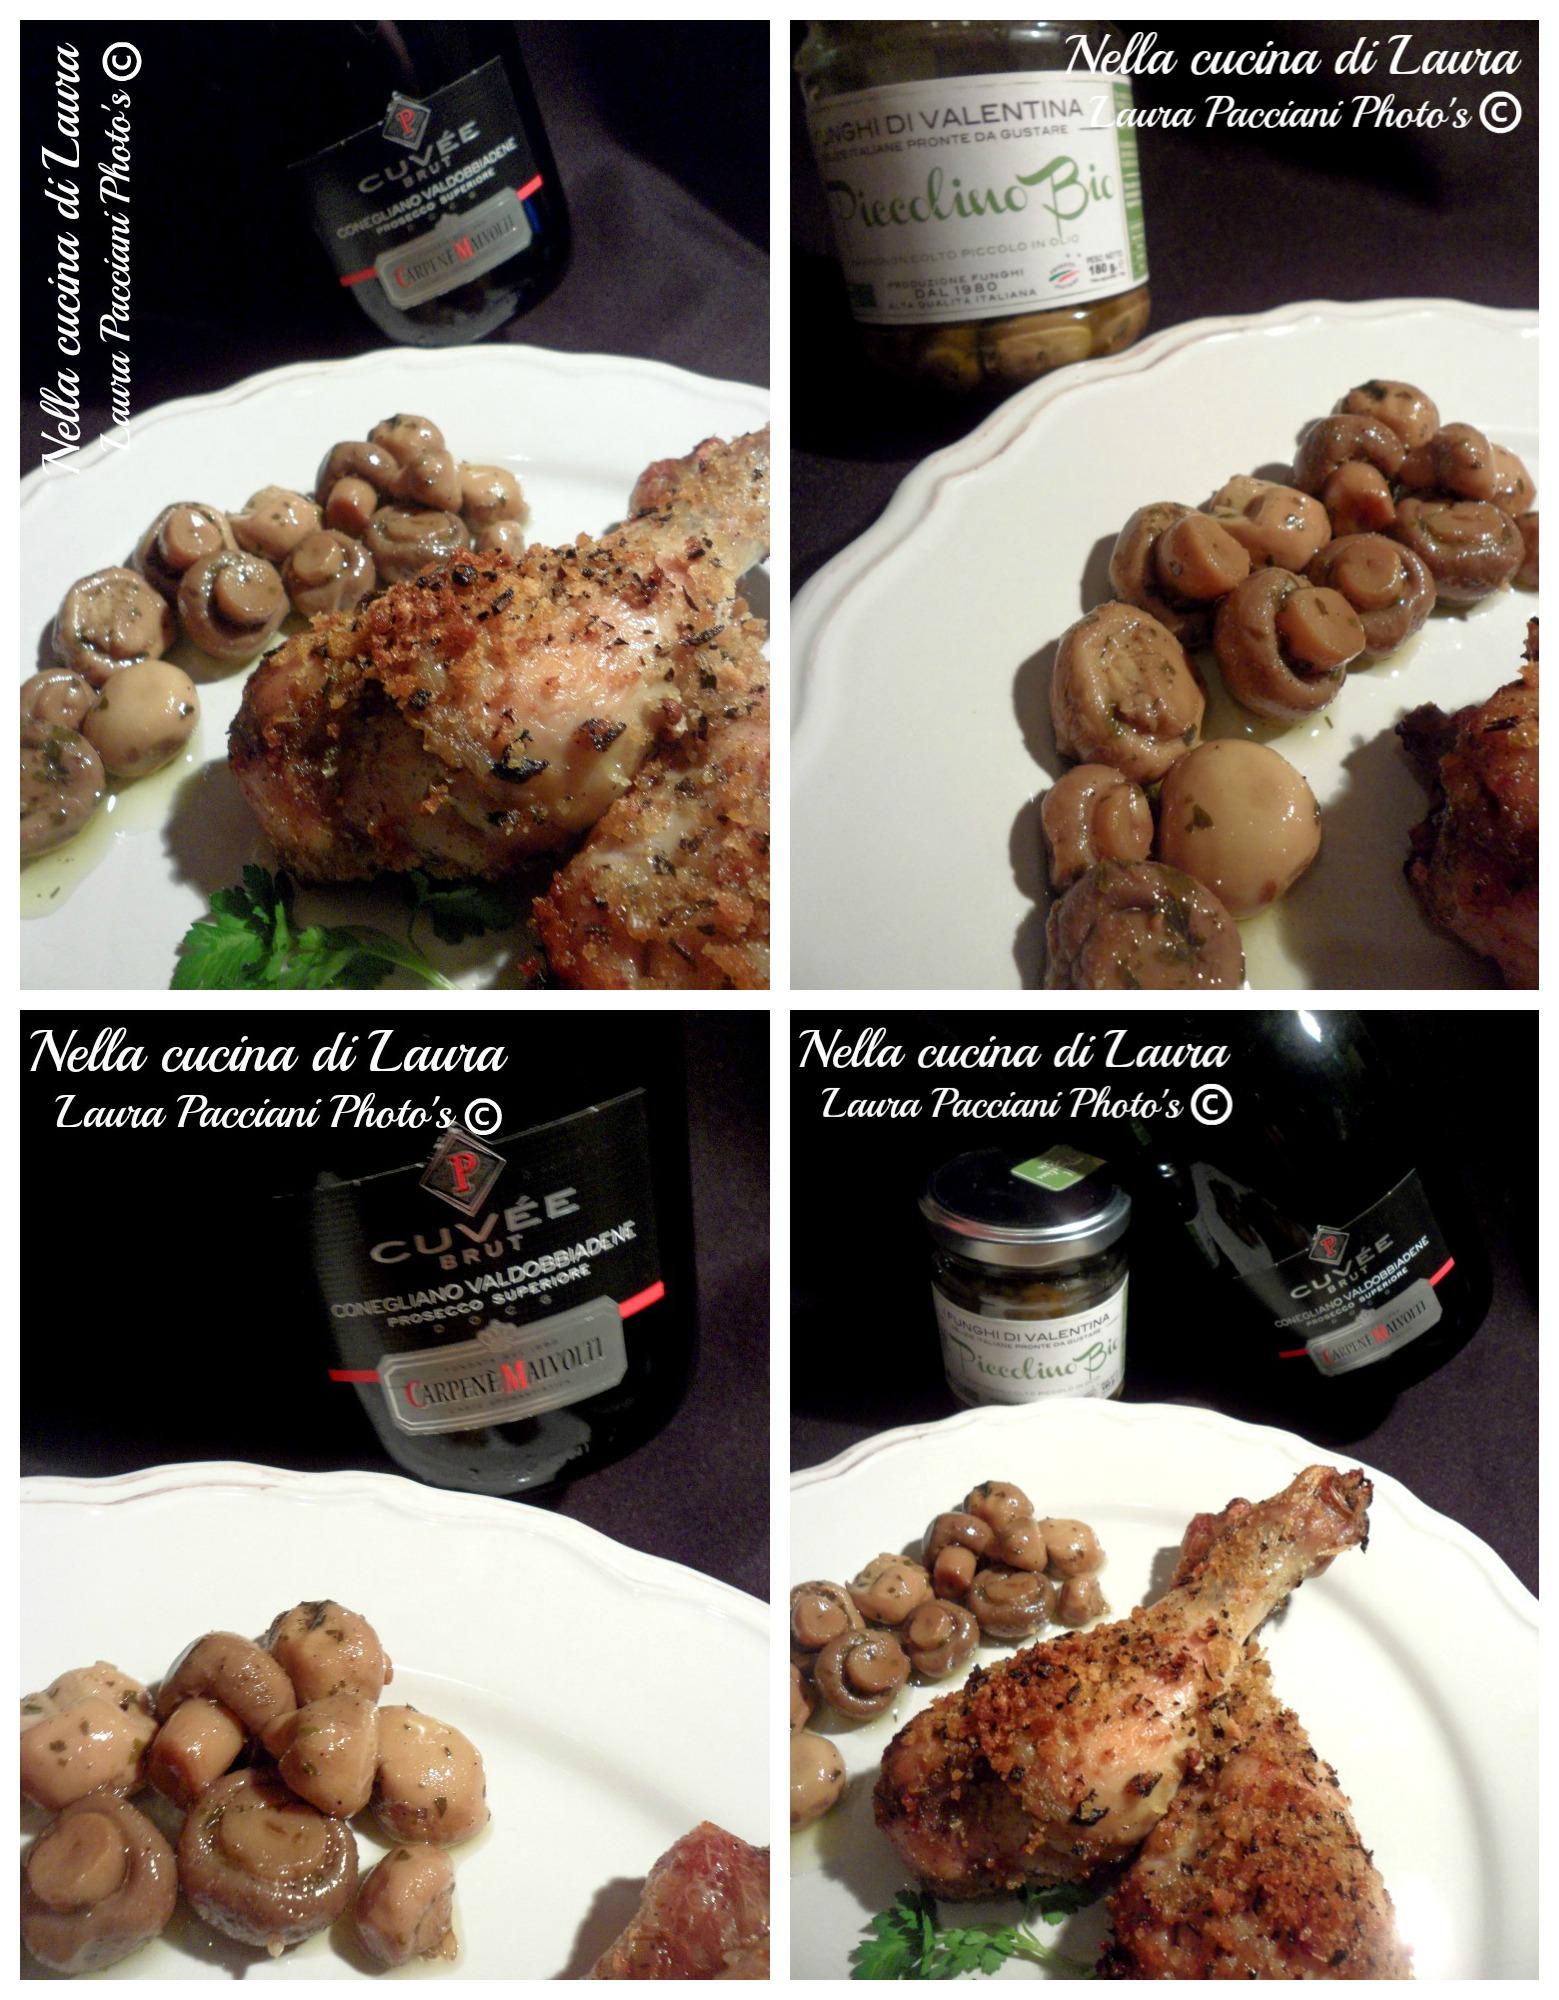 cosce di pollo croccanti al forno - nella cucina di laura